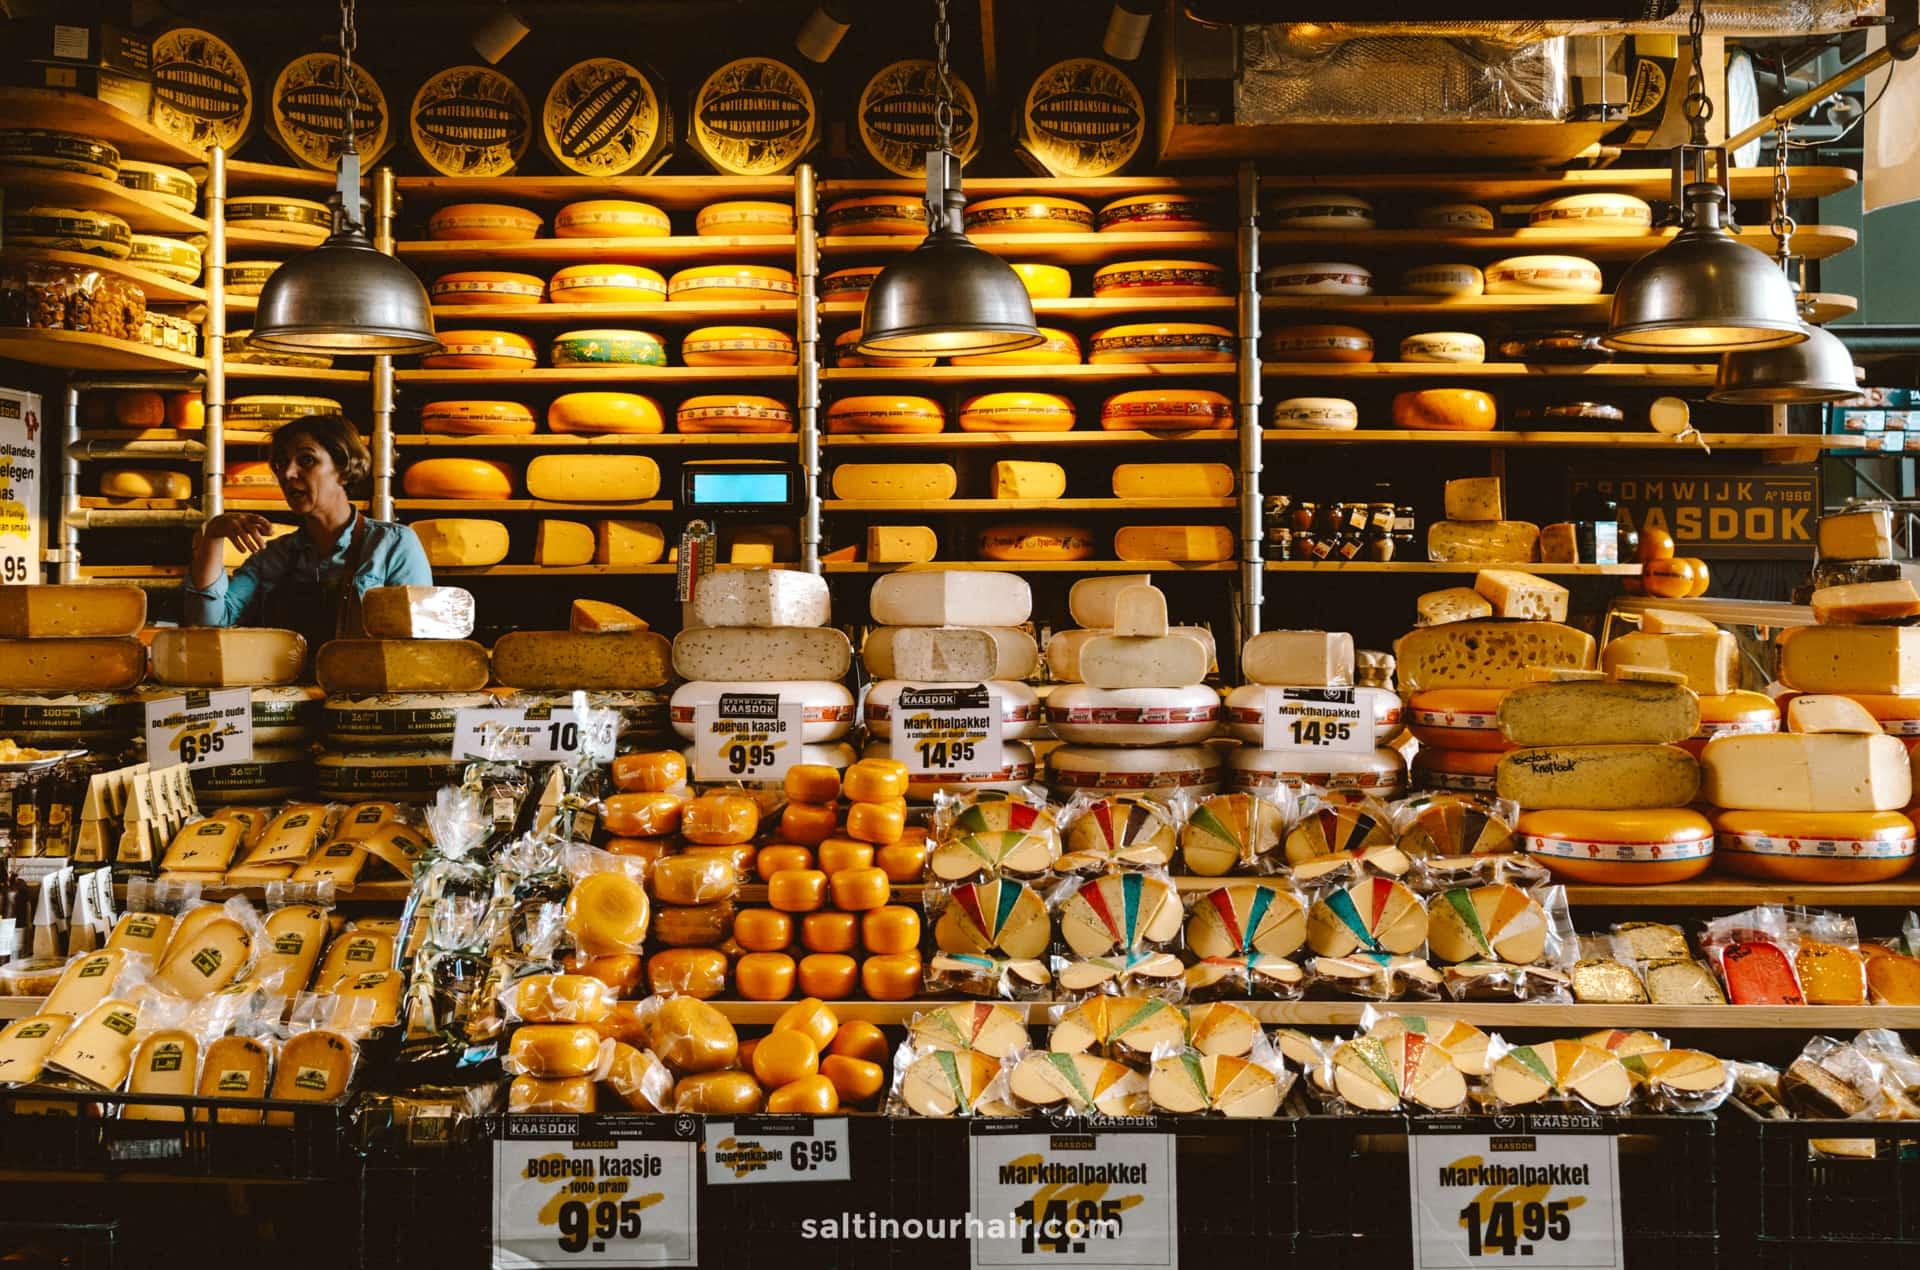 dutch cheese markthal